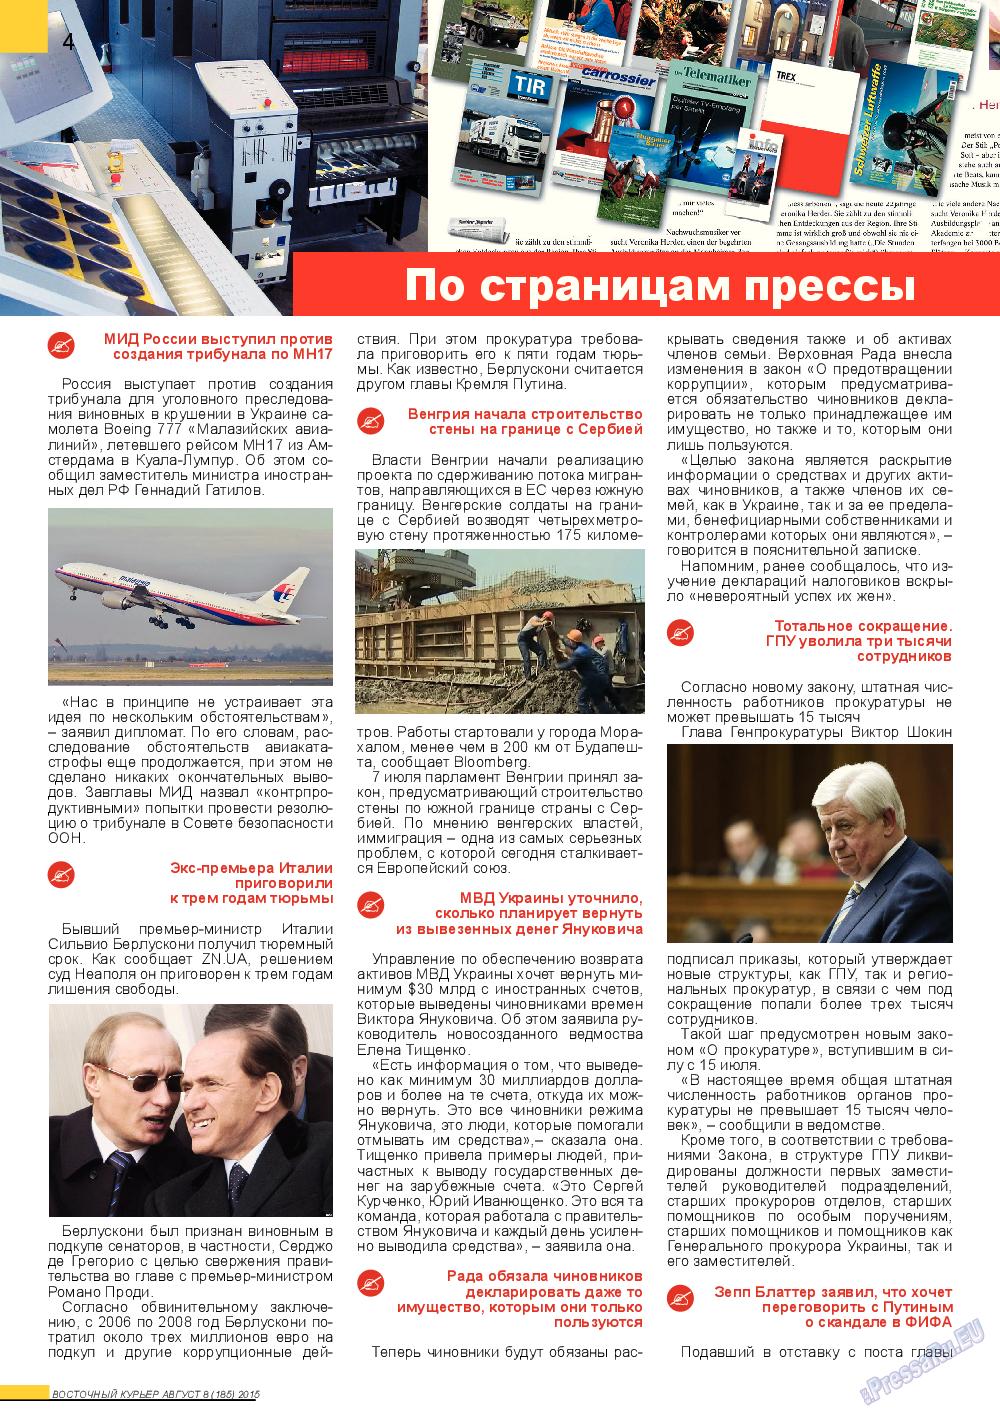 Восточный курьер (журнал). 2015 год, номер 8, стр. 4